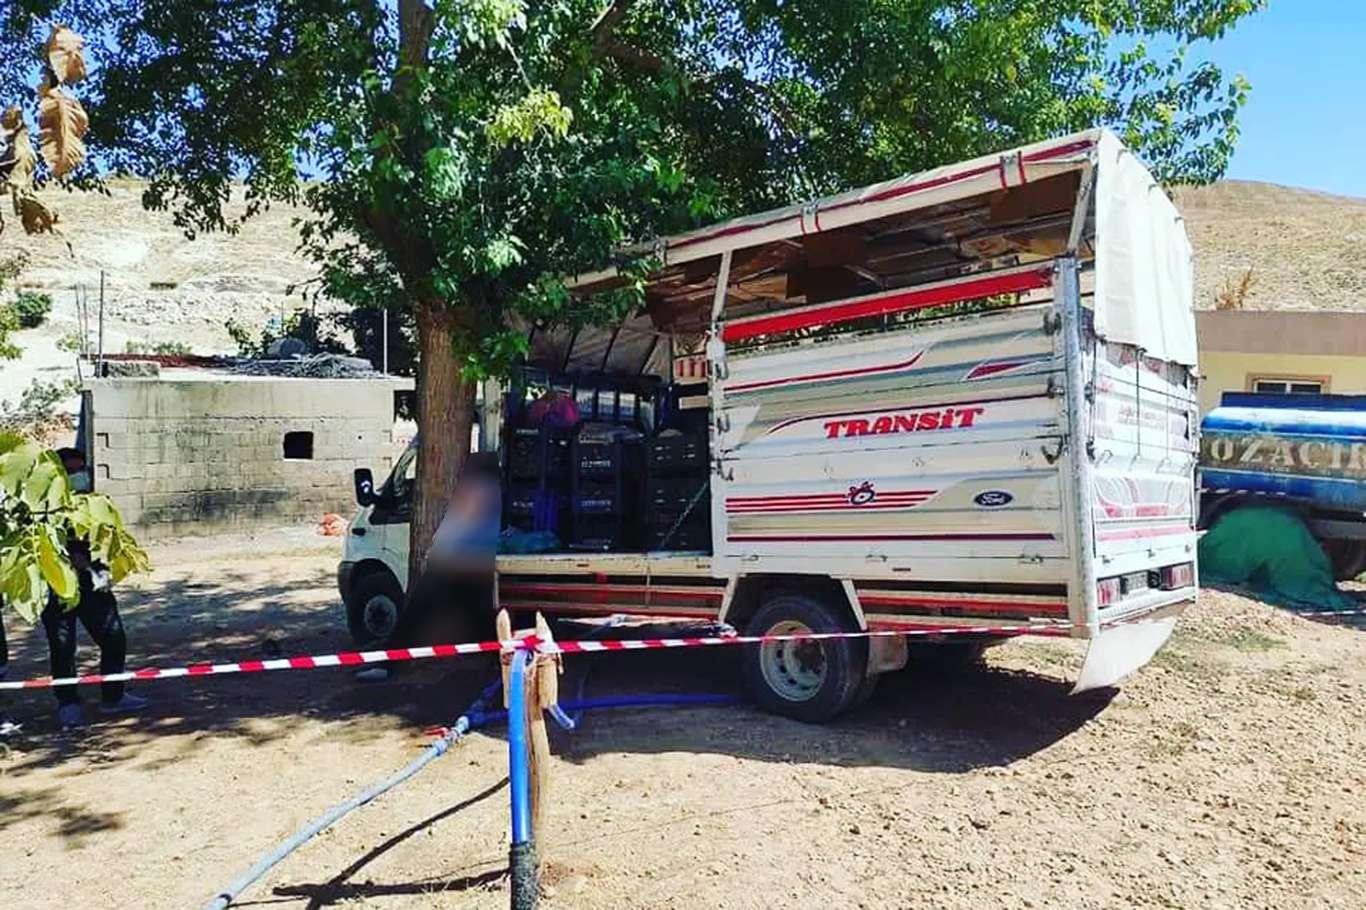 Yokuşa park ettiği kamyonetiyle ağaç arasında sıkışan sürücü hayatını kaybetti